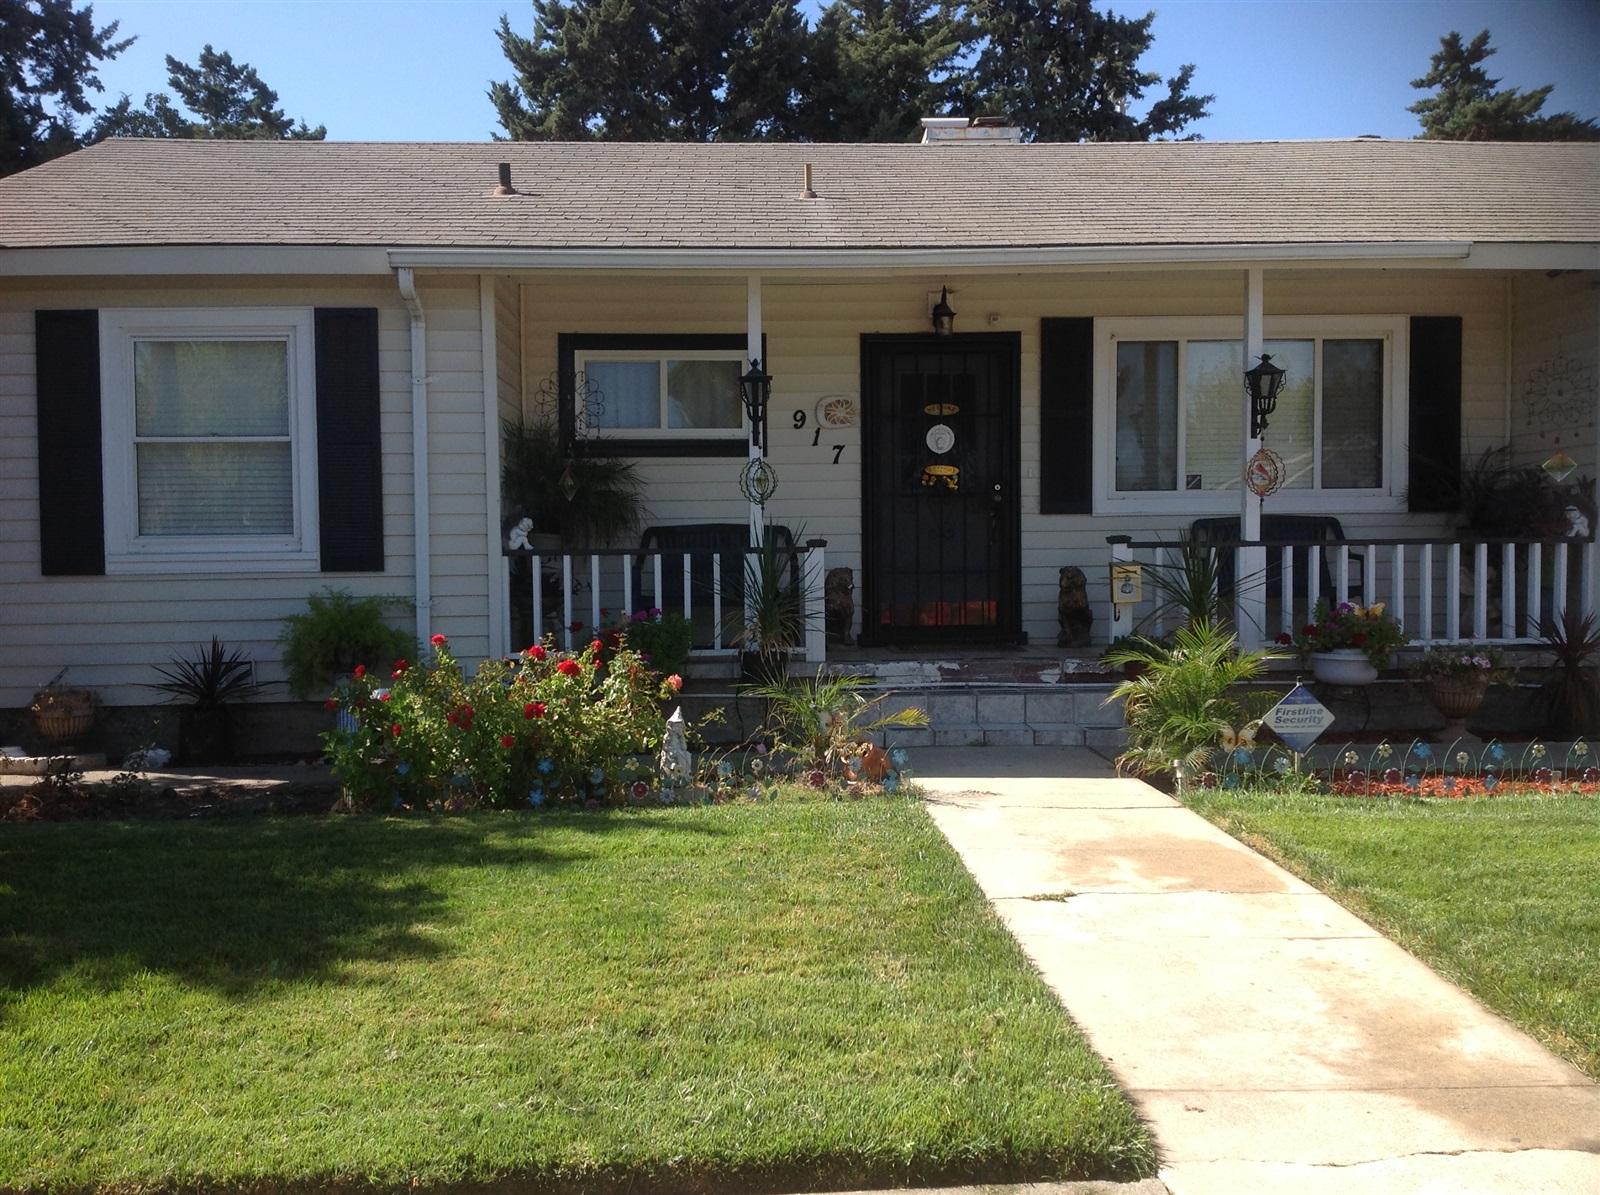 917 W 14th St, Antioch, CA 94509